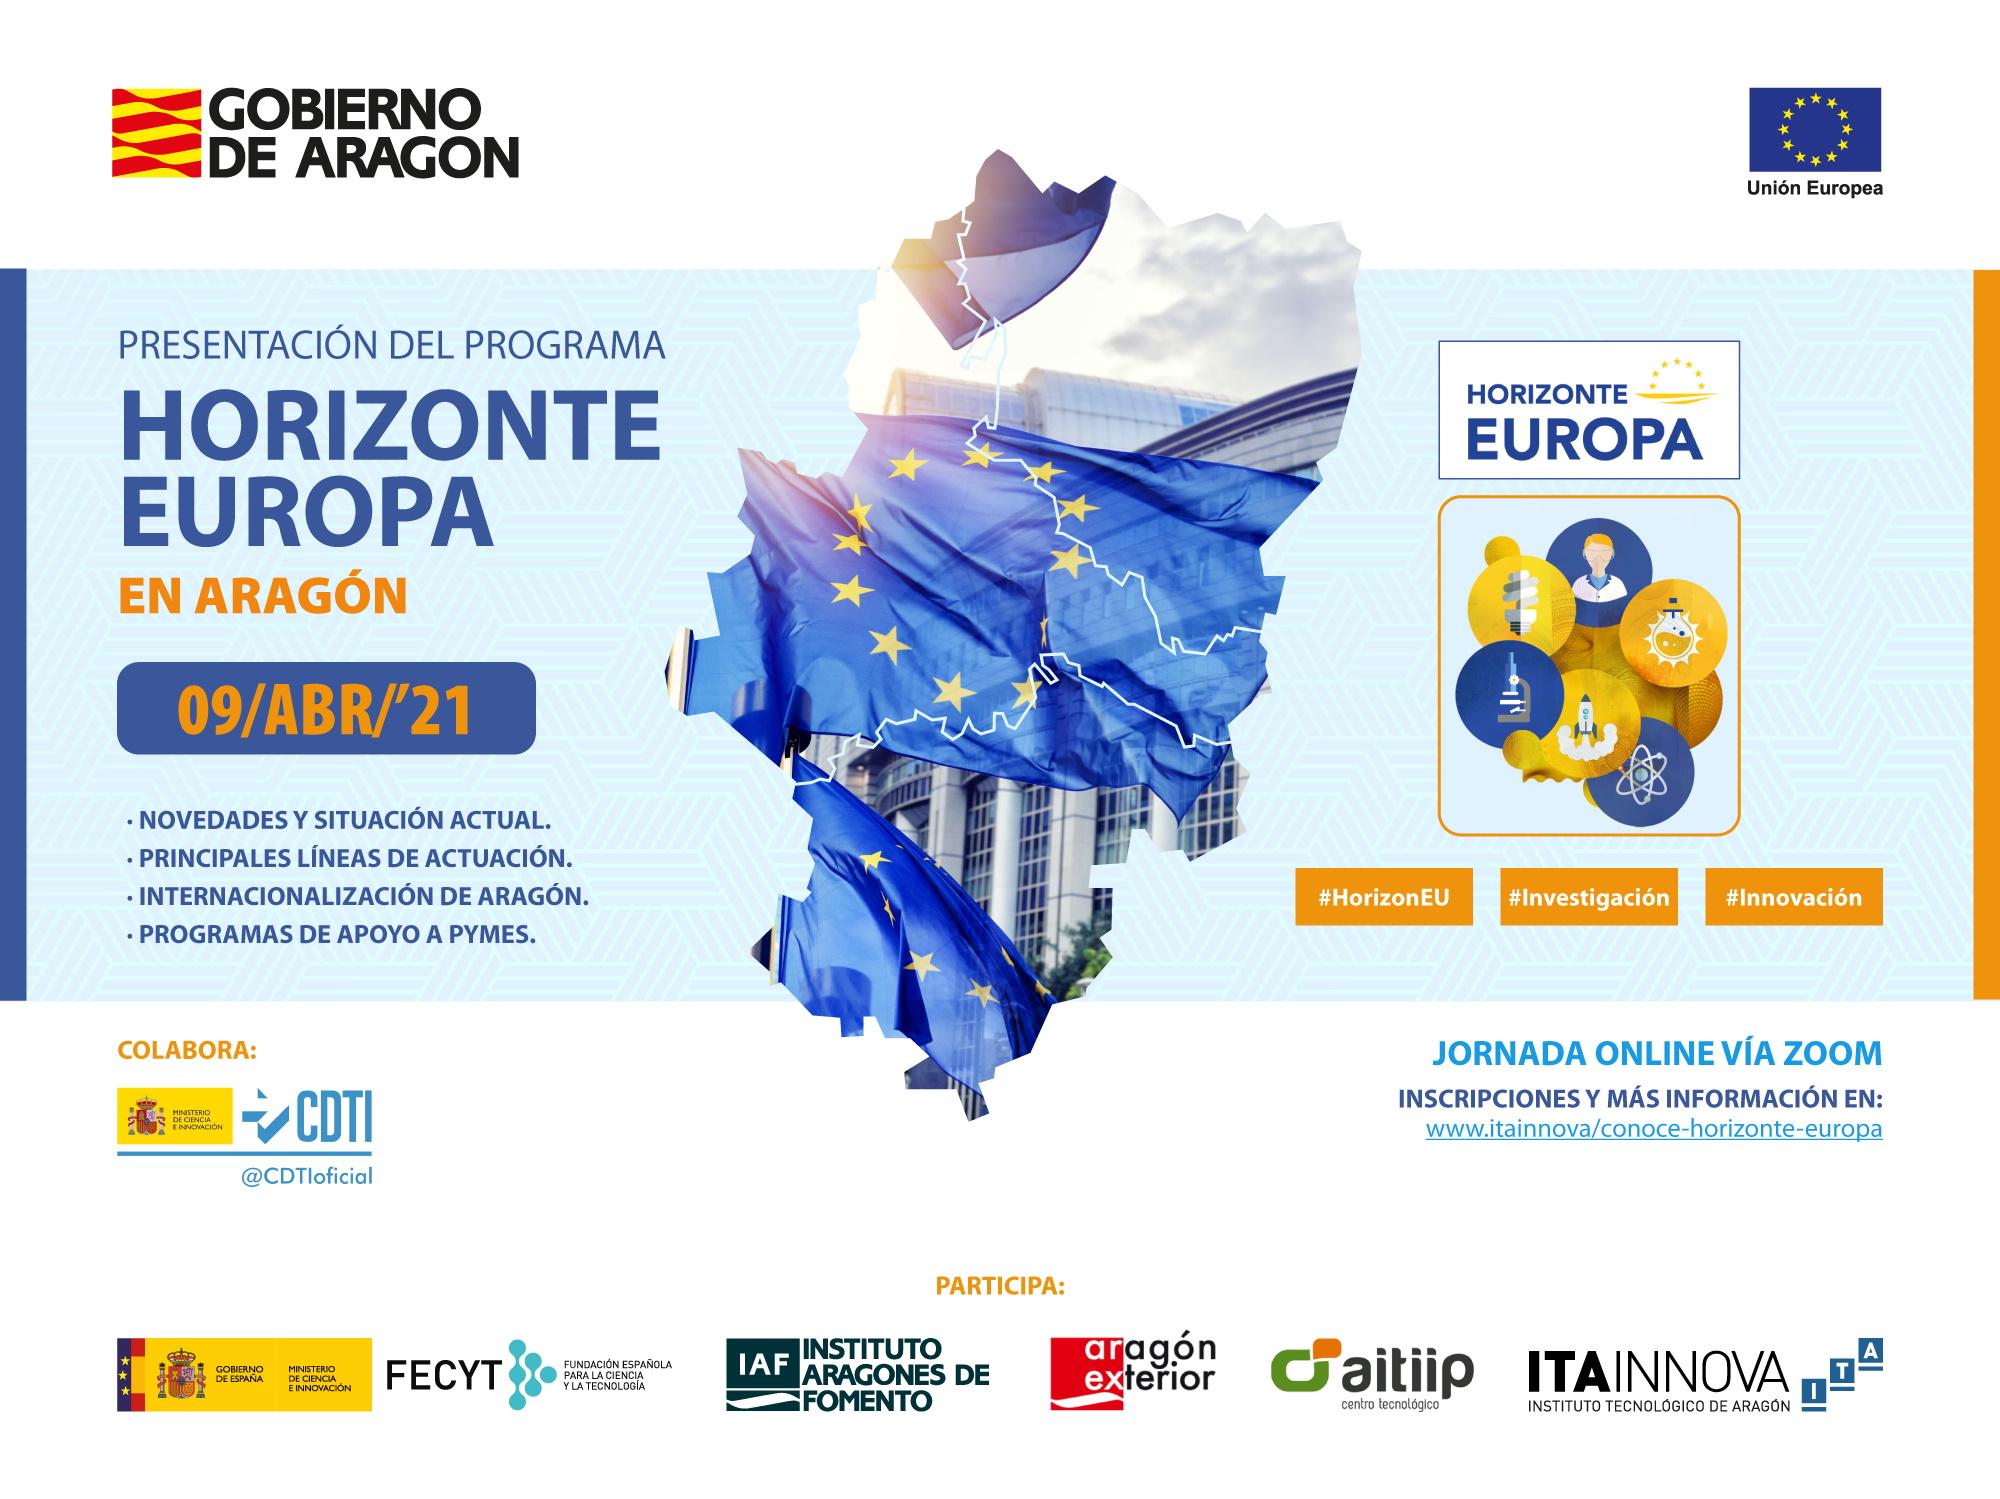 Horizonte Europa abre una oportunidad para impulsar actividades de investigación e innovación en Aragón